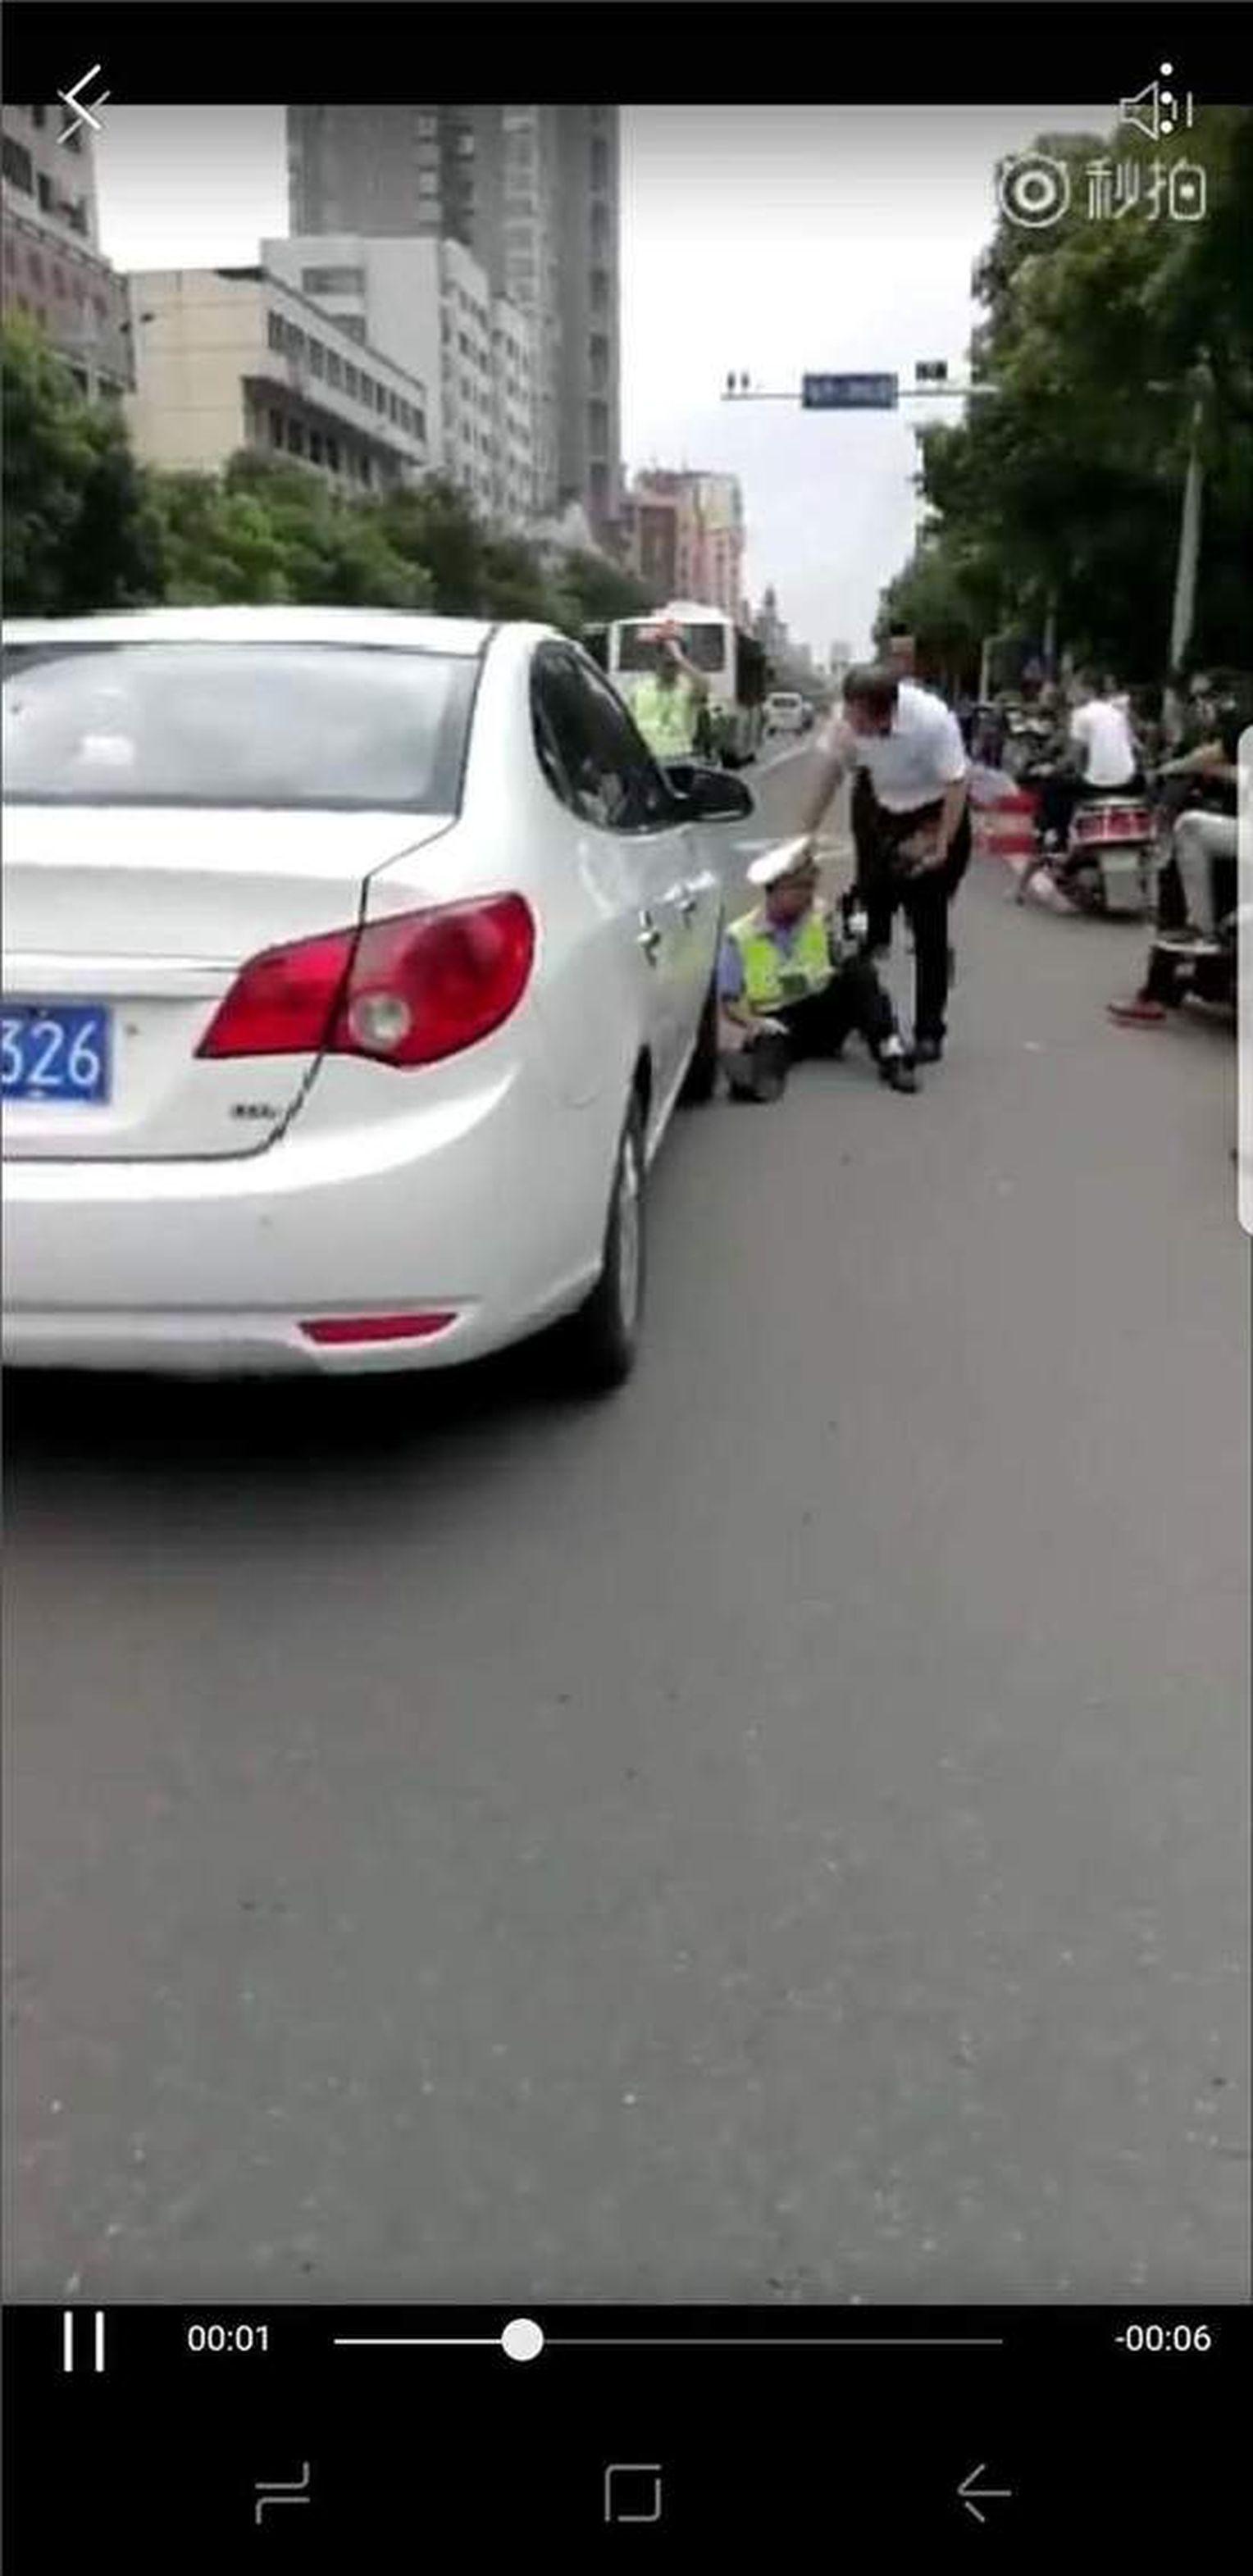 身著警服的男子倒地後,遲遲沒能站起。(視頻截圖)